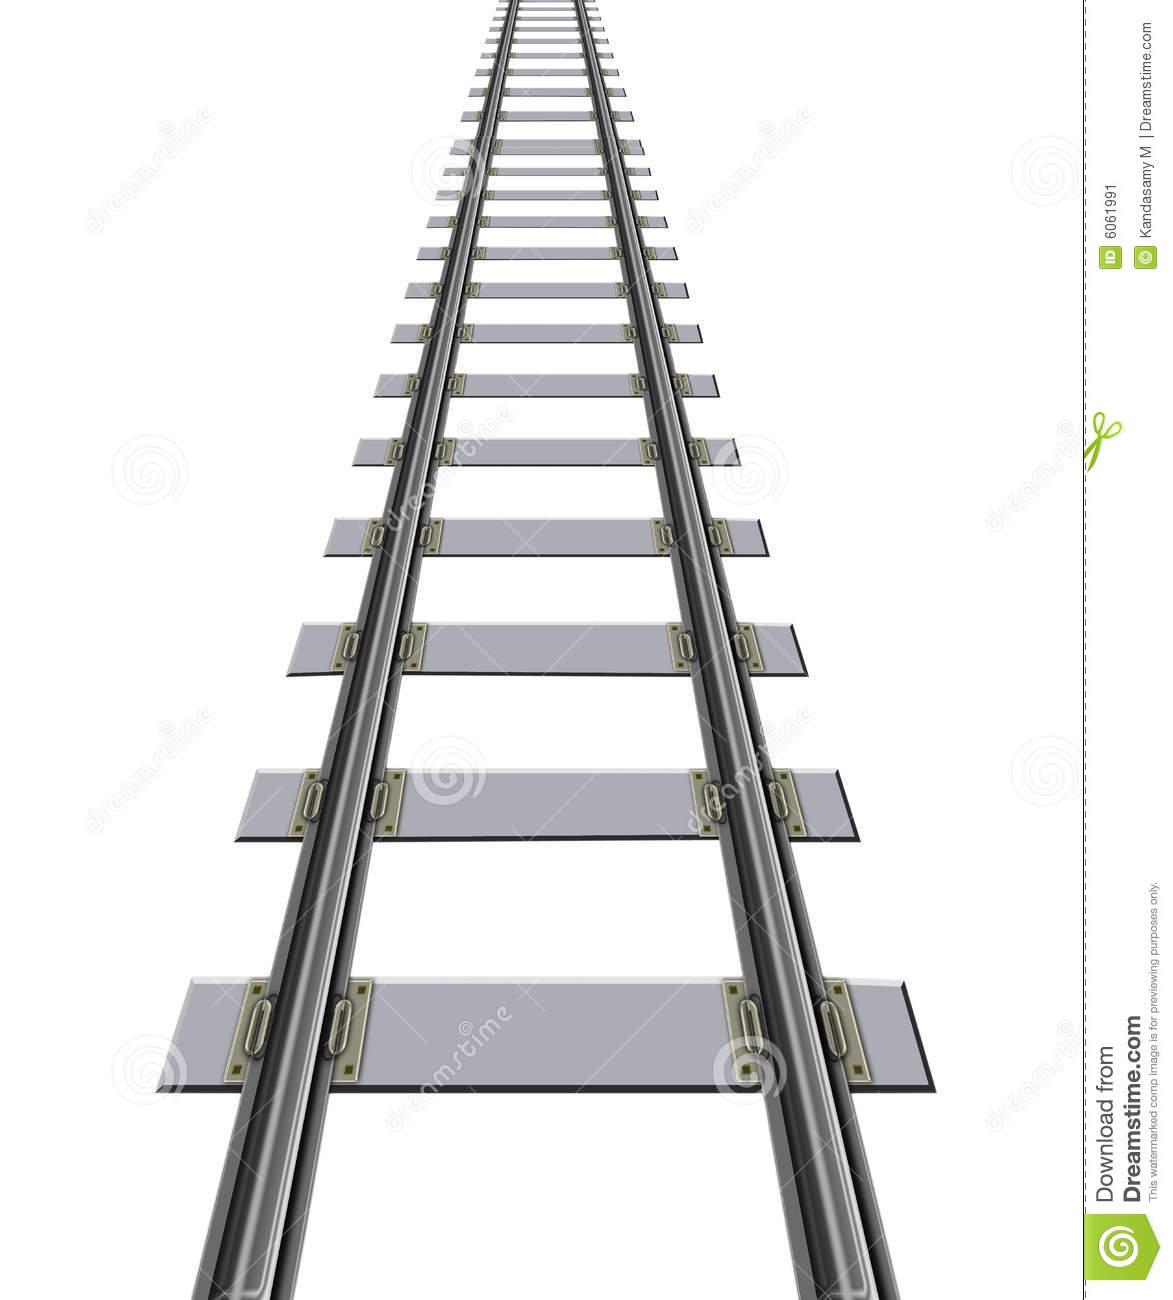 1173x1300 Train Track Clipart